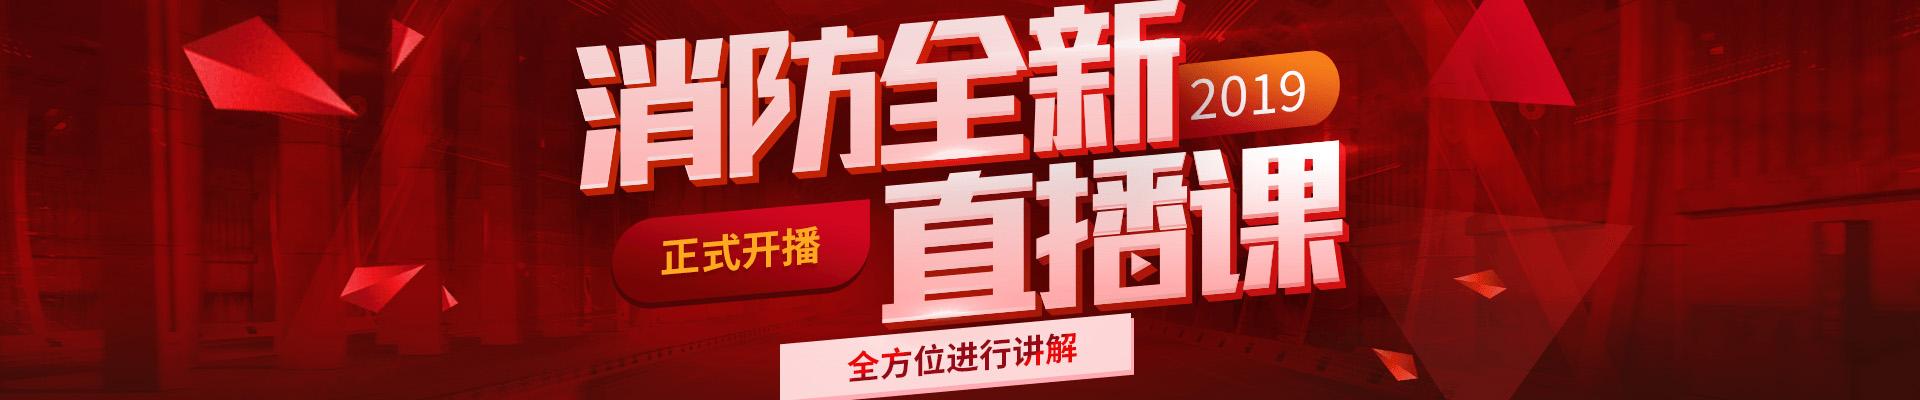 山东滨州优路教育培训学校